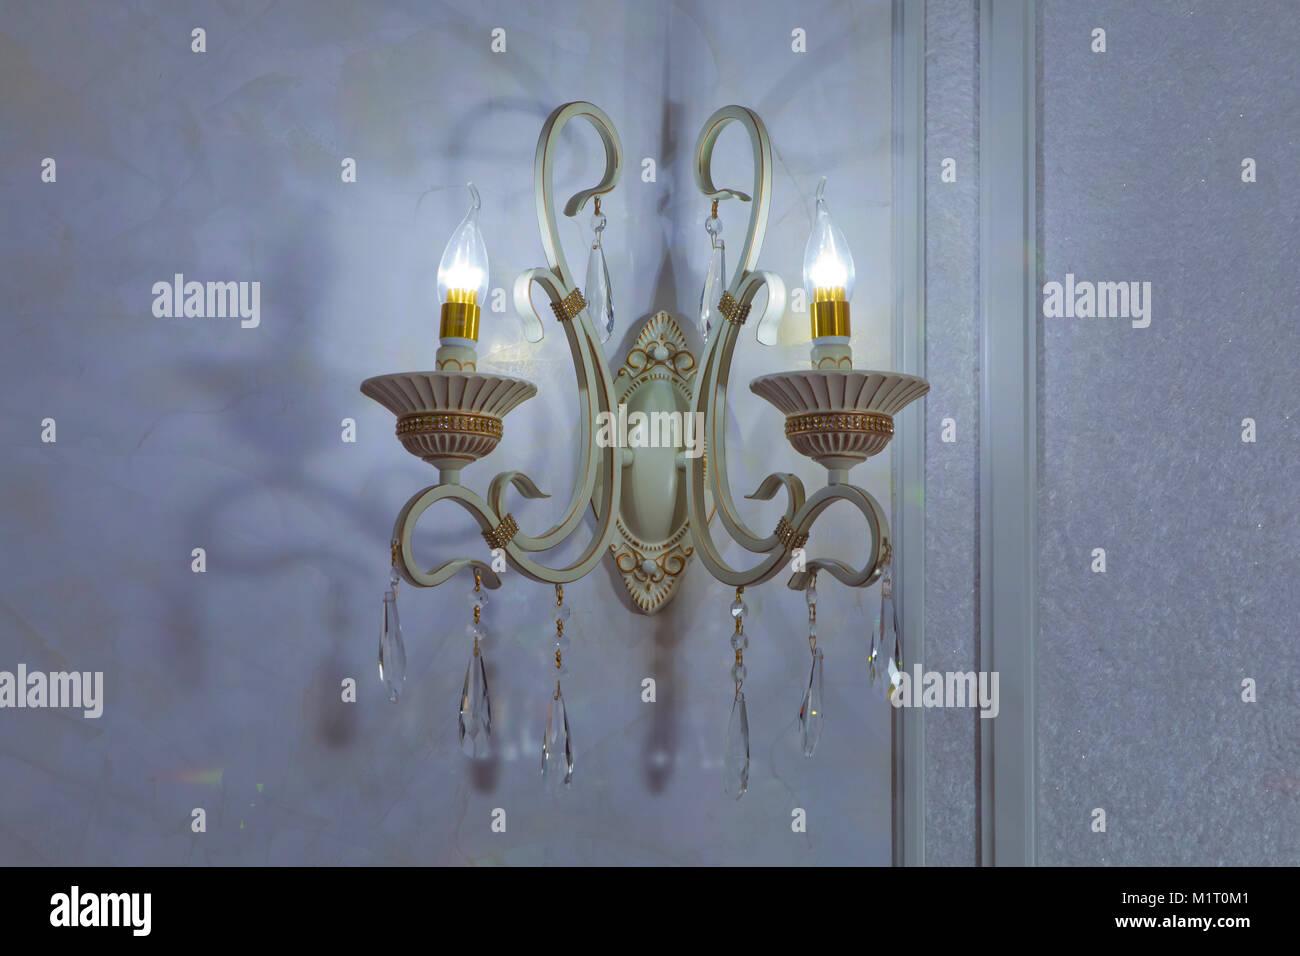 Lampada Vintage Da Parete : Elegante lampada sul sfondo . lampada da parete in metallo dorato